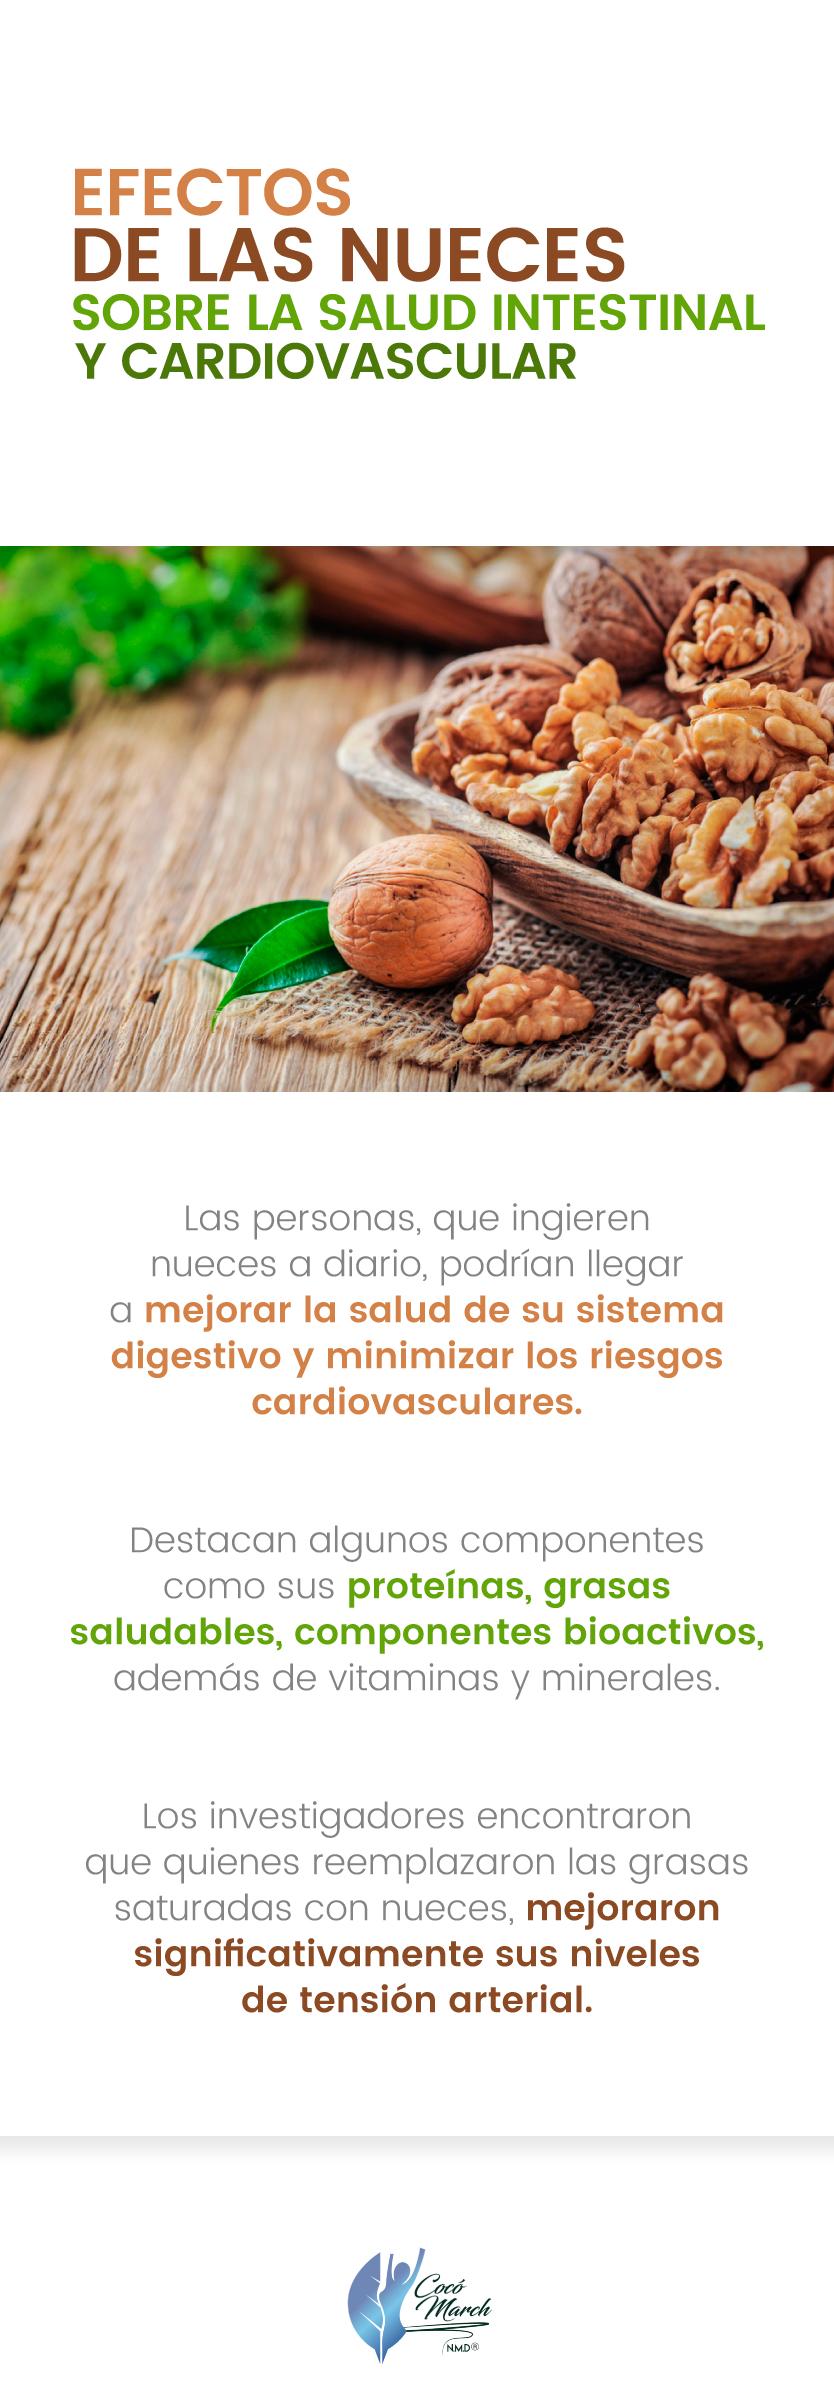 nueces-para-la-salud-intestinal-y-cardiovascular